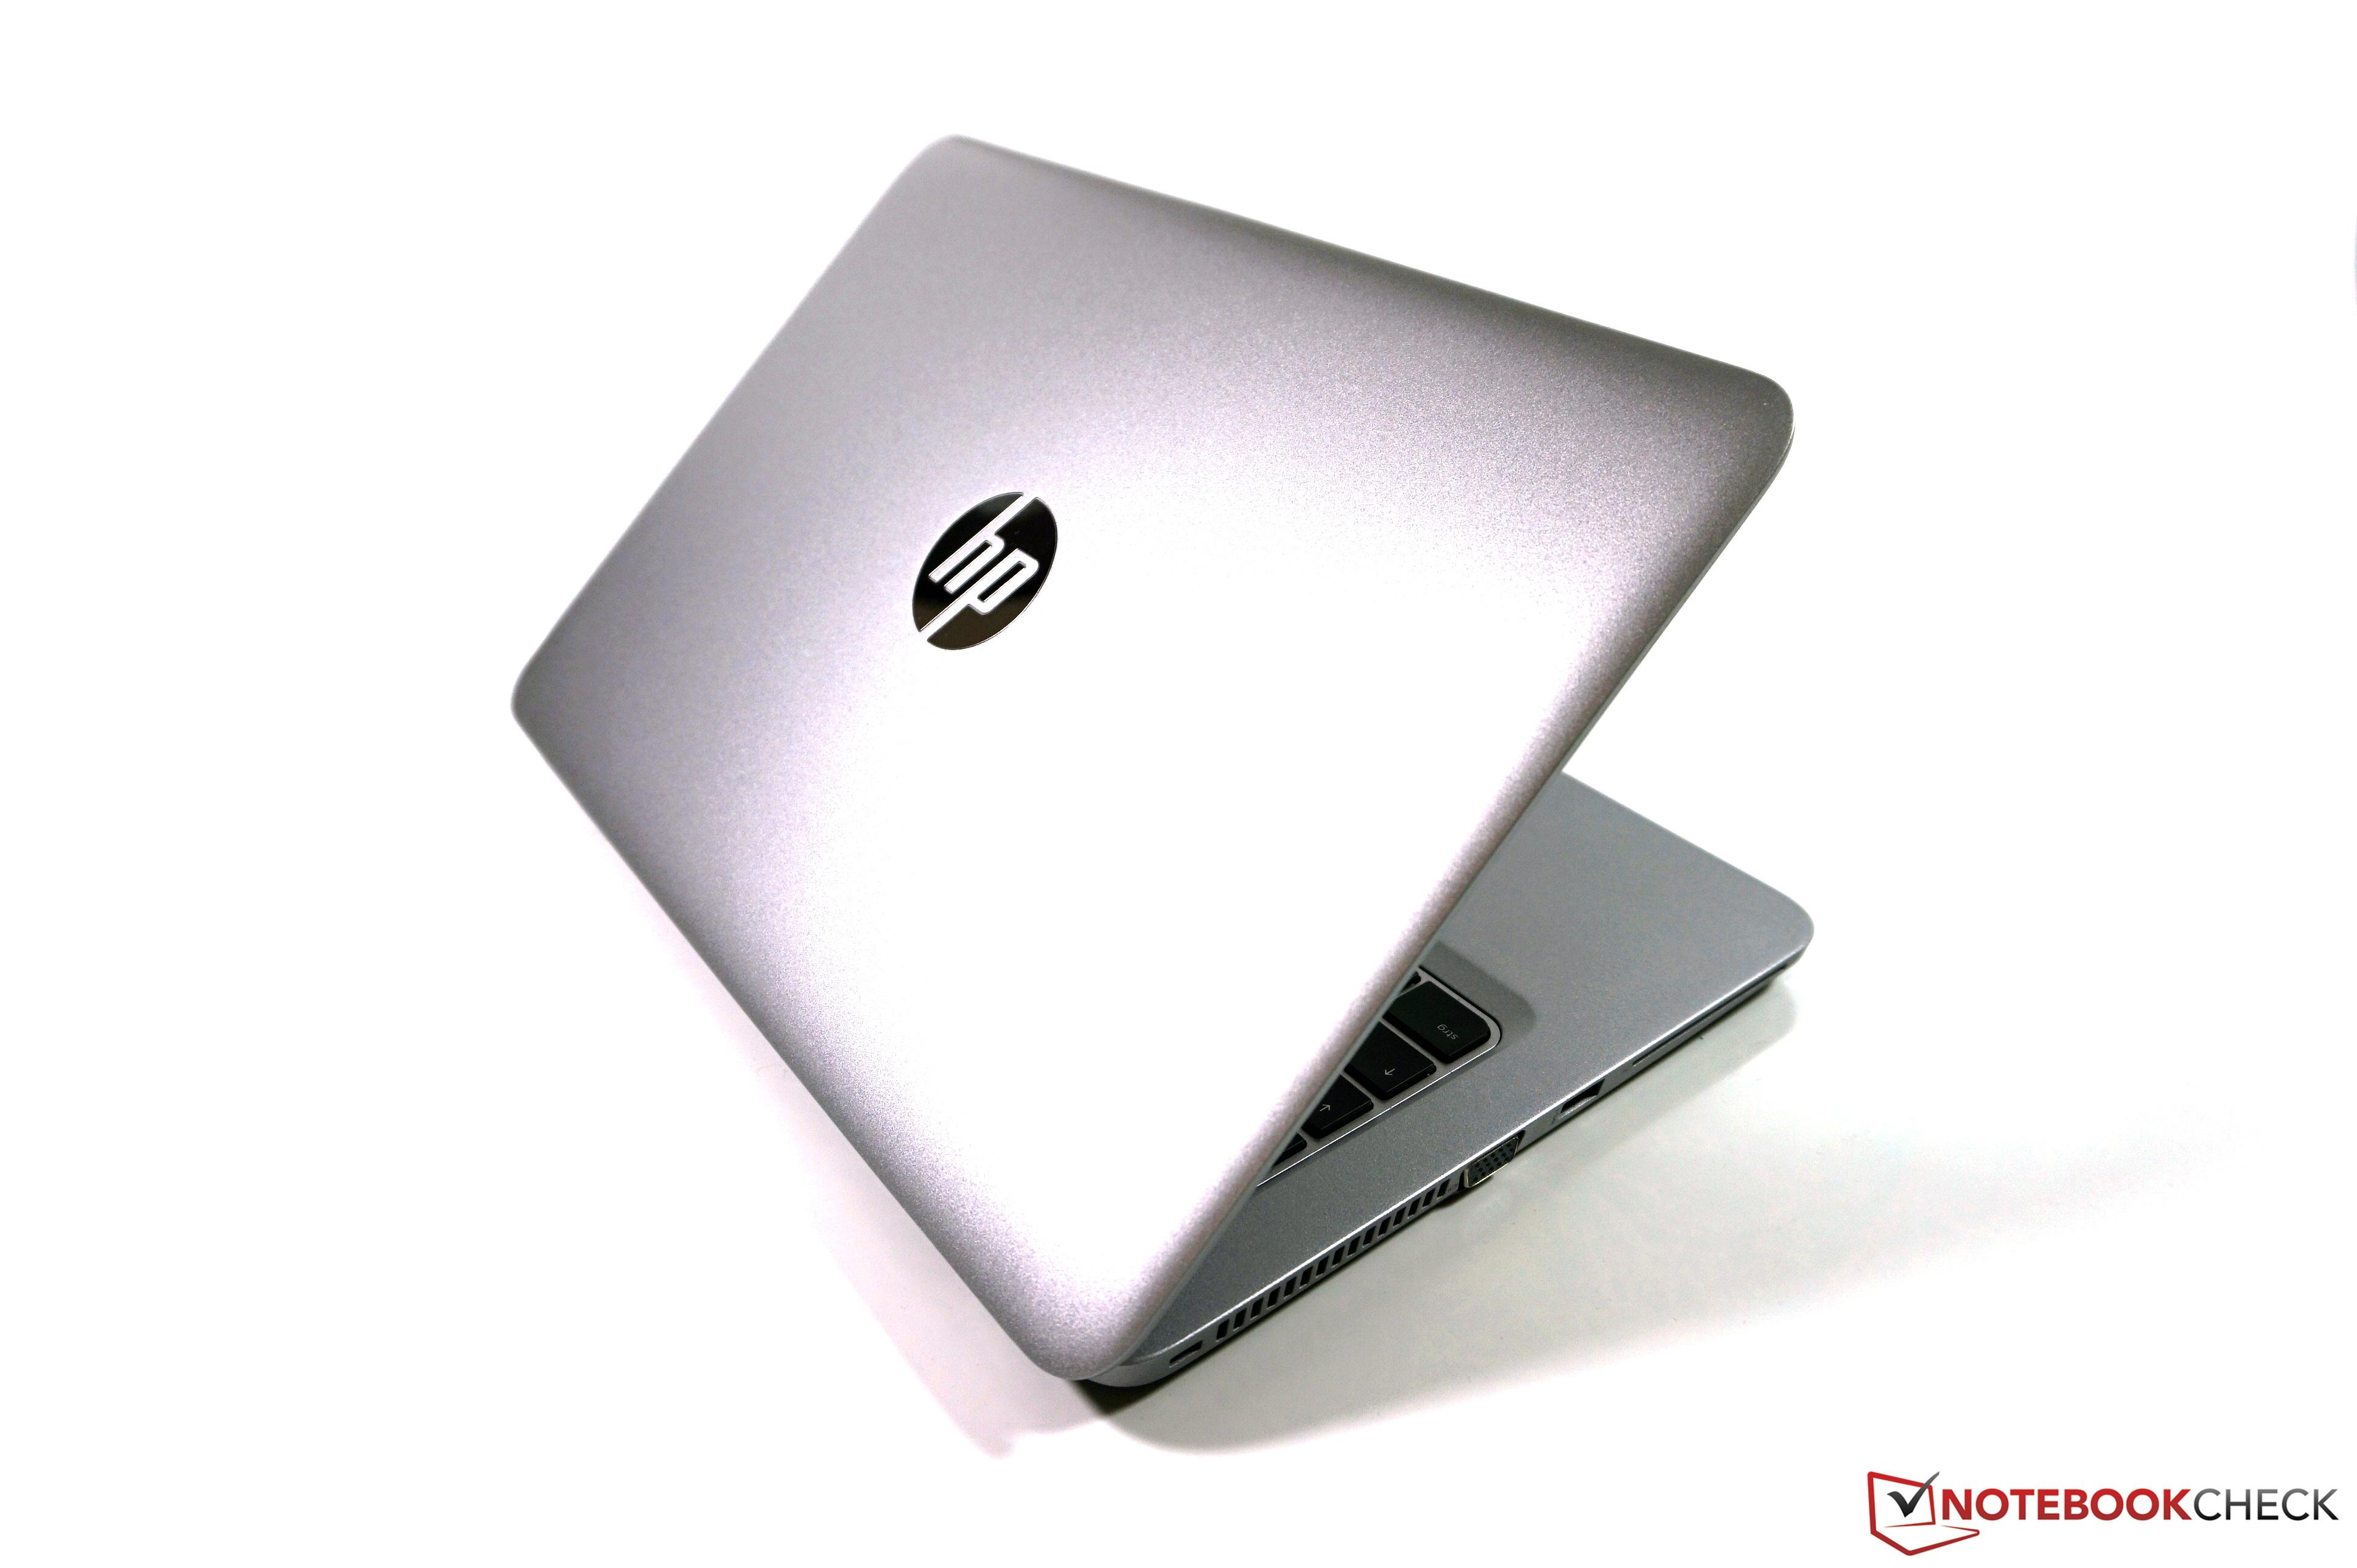 HP EliteBook 820 G3 Subnotebook Review - NotebookCheck net Reviews